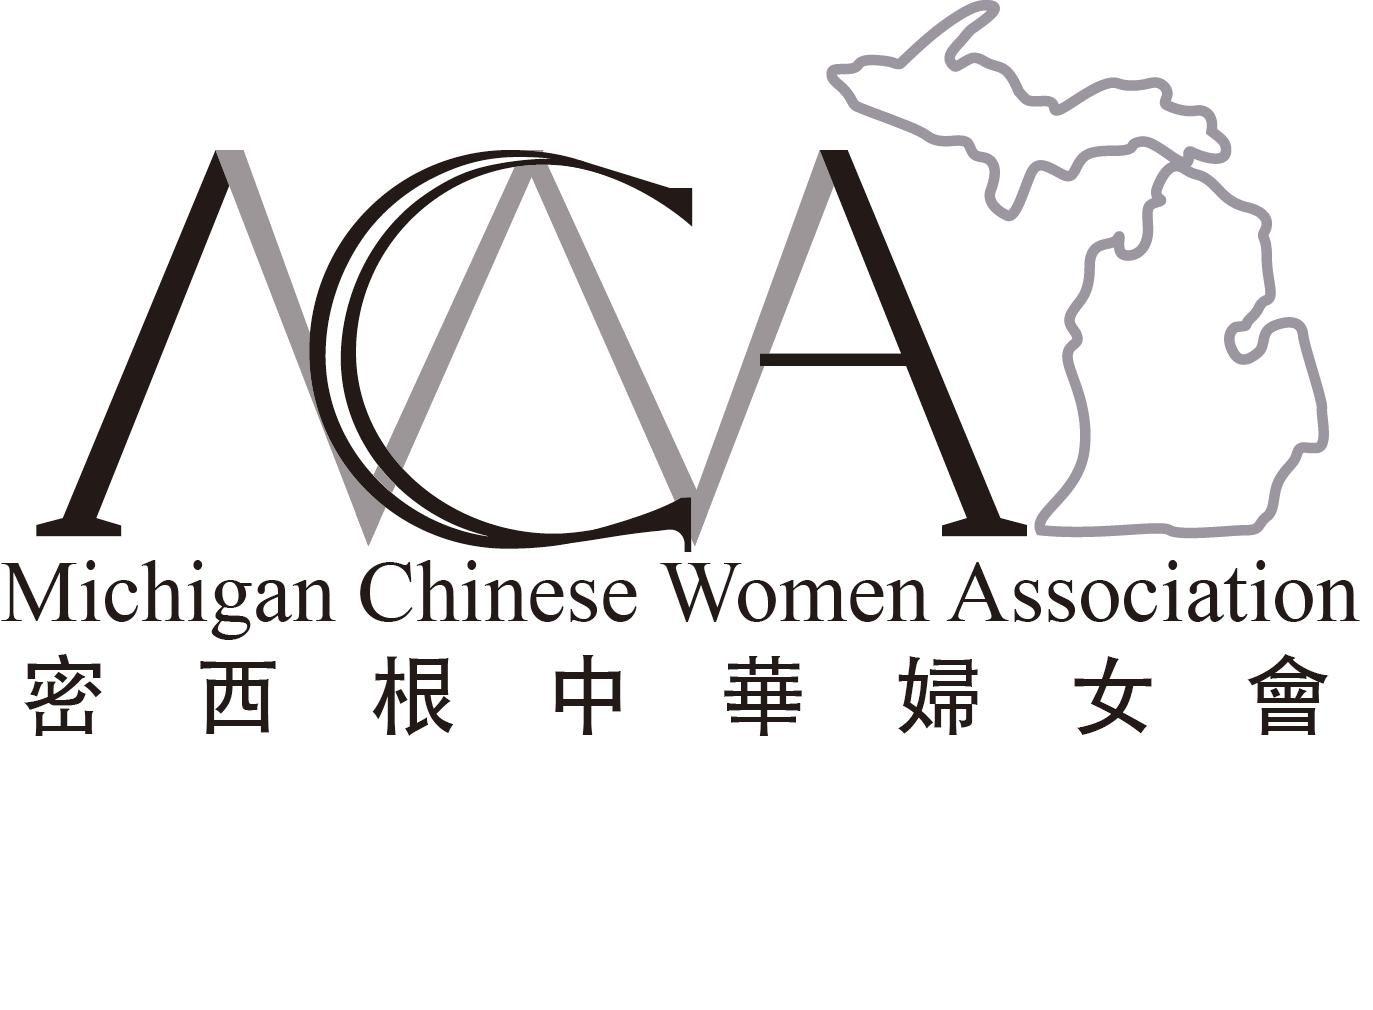 Michigan Chinese Women Association